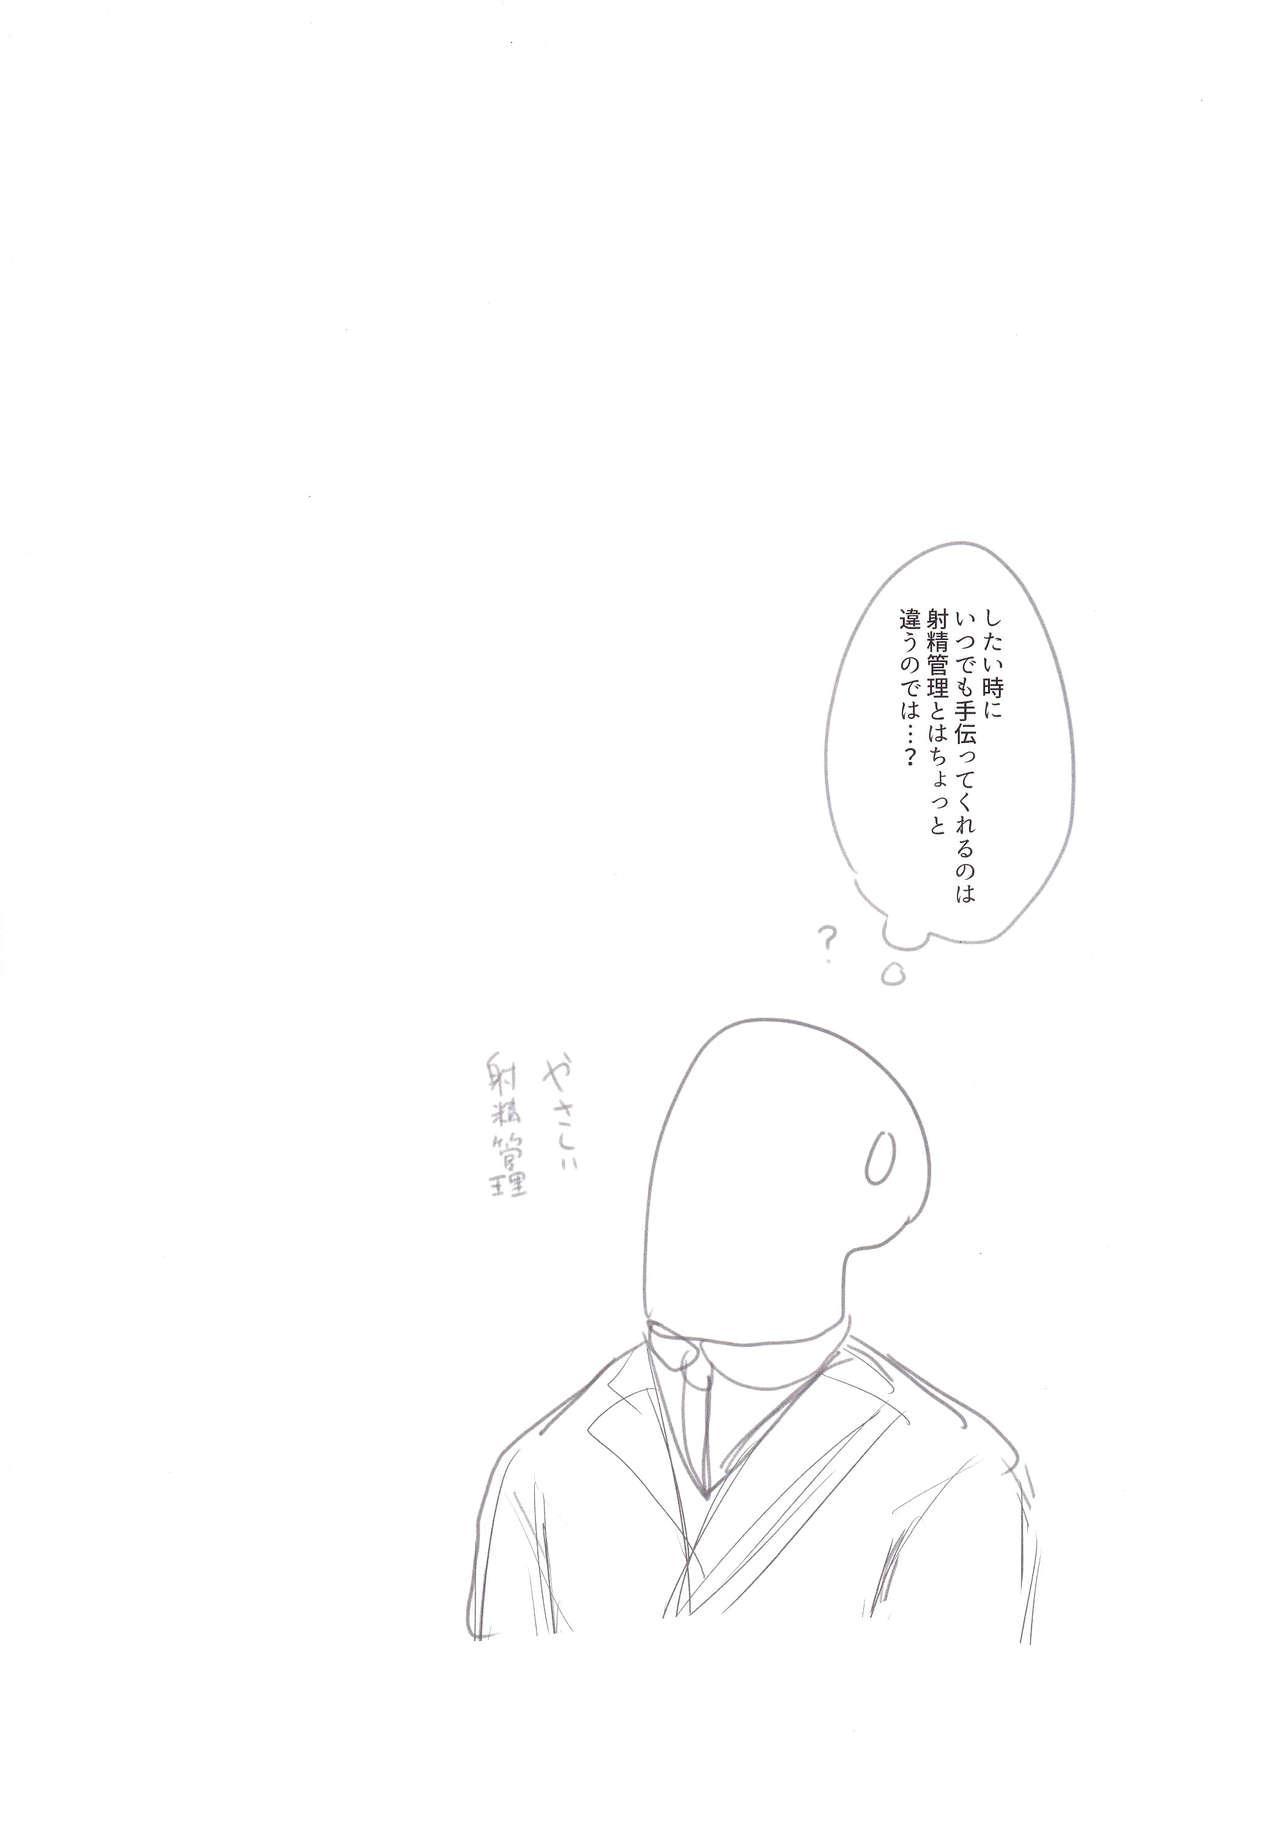 Yukimi to Kozue to Lolicon P to 29